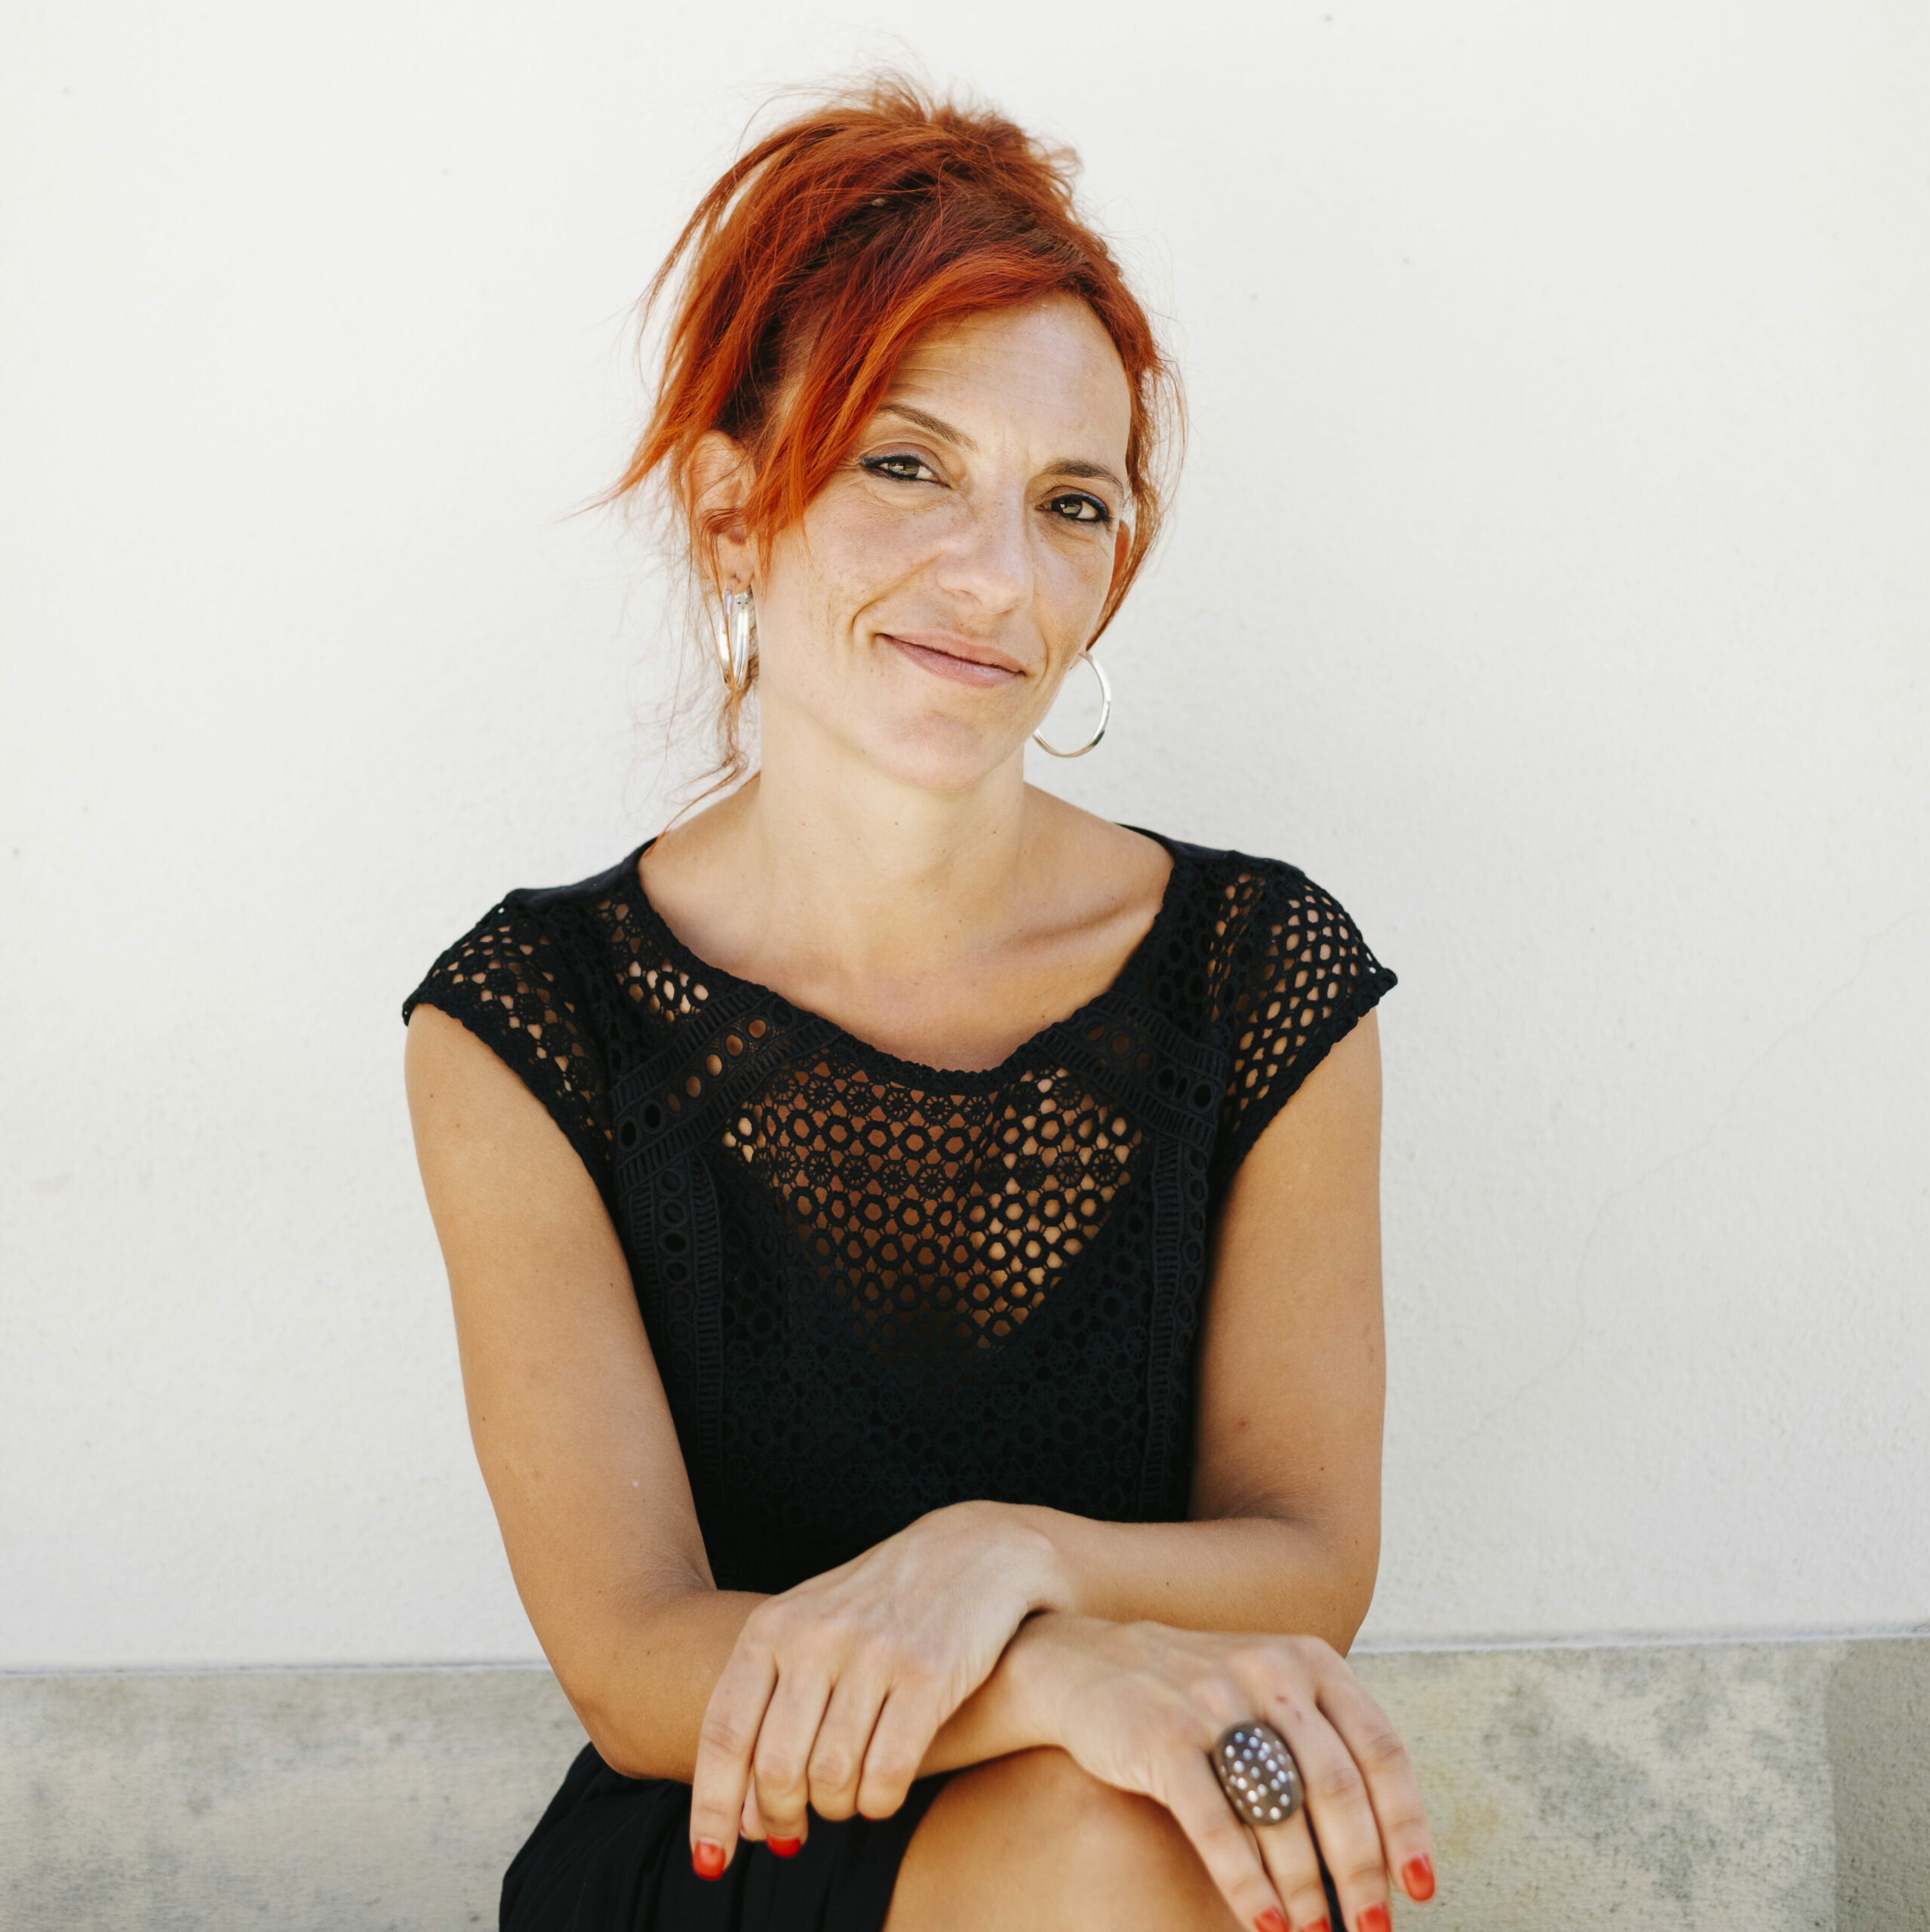 Raquel Castro curator for Sound Art in Public Spaces